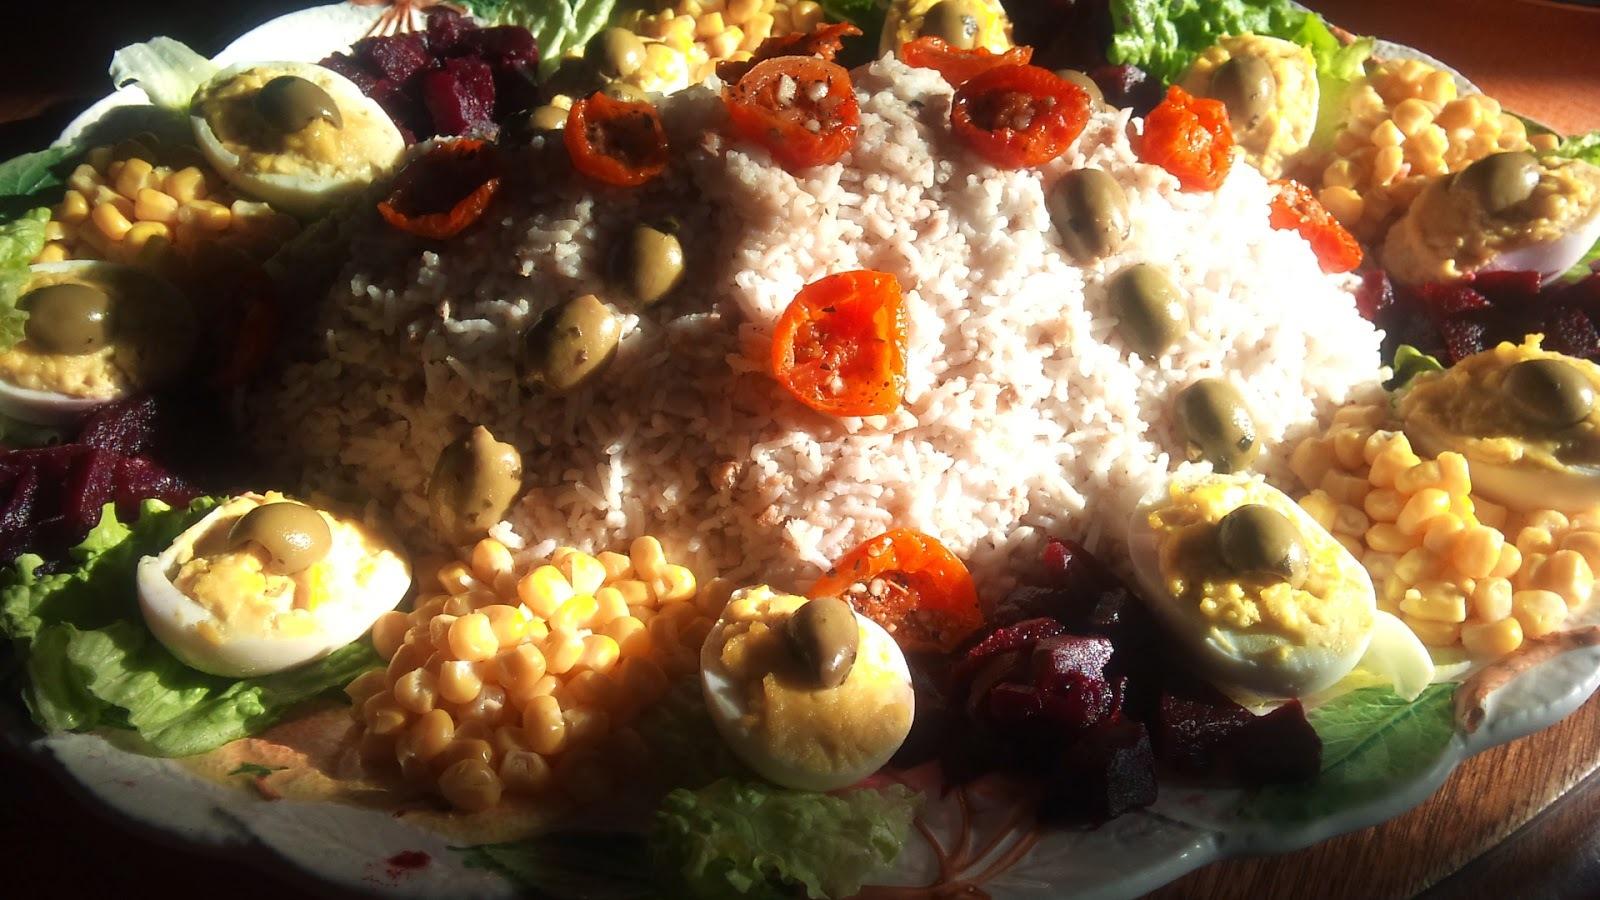 Recette de salade composée au riz, thon, oeufs mayonnaise, betteraves, tomates séchées...